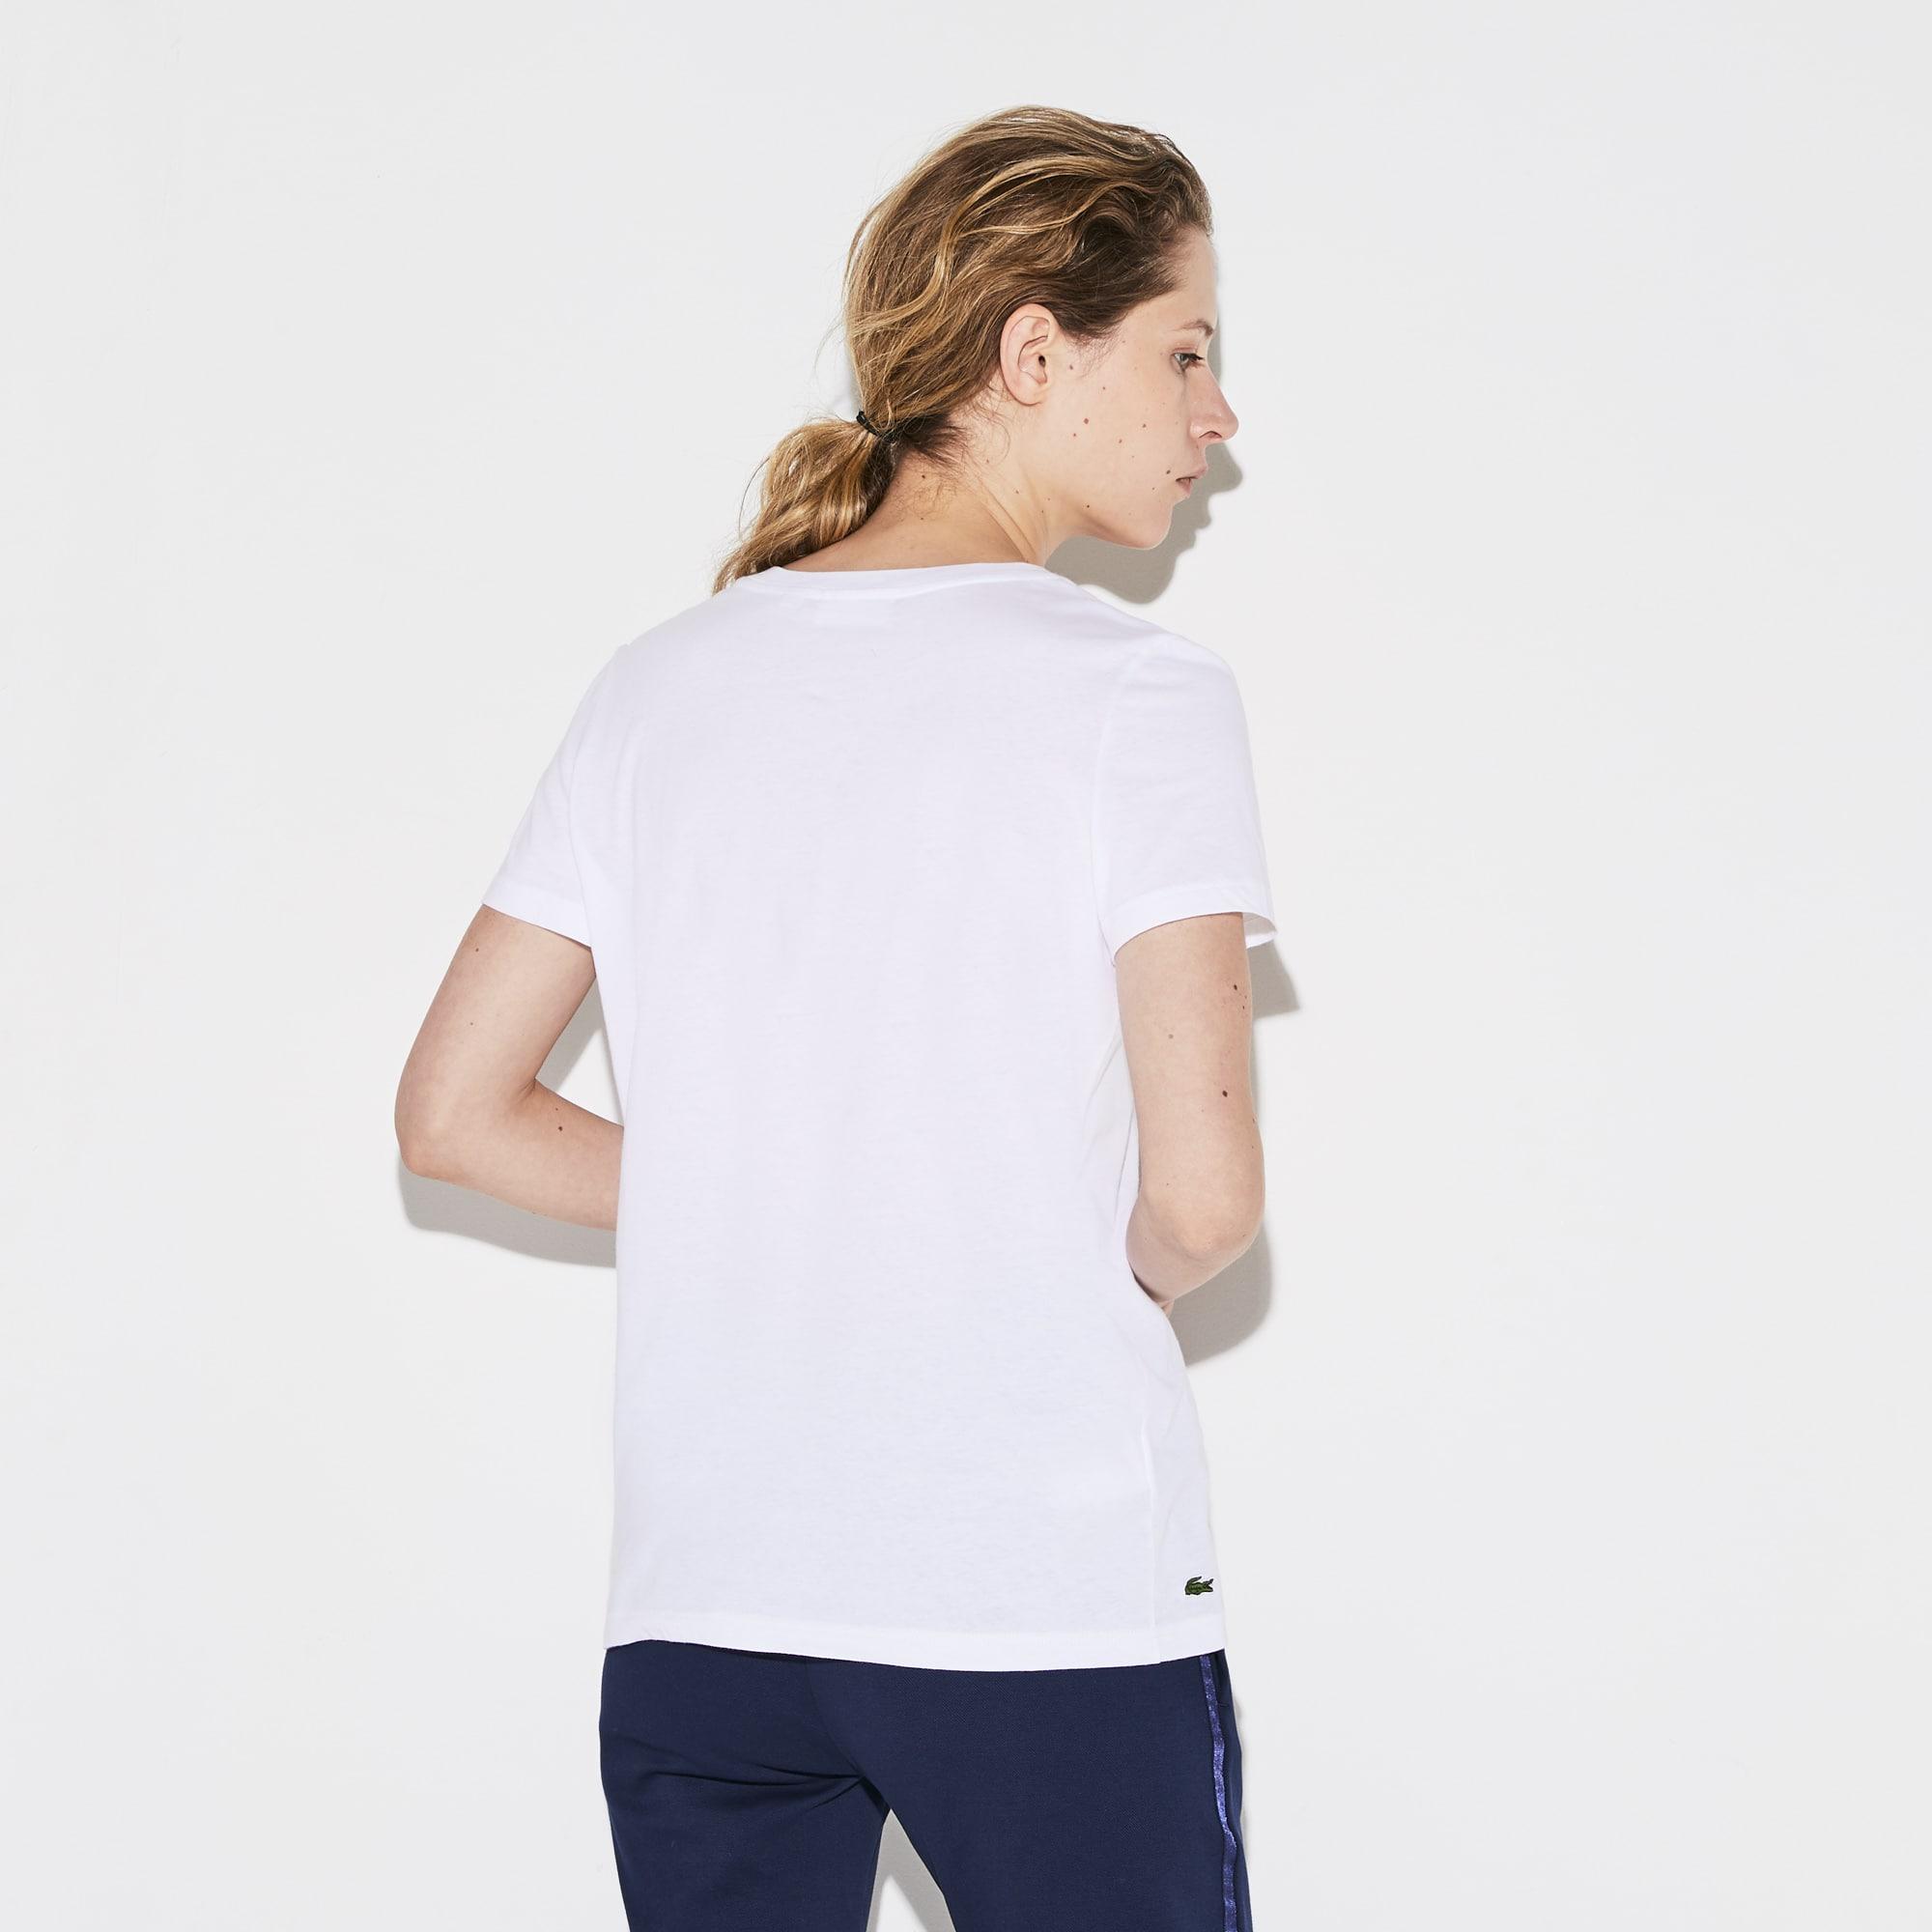 LACOSTE Cottons Women's SPORT Flowing Cotton Tennis T-shirt